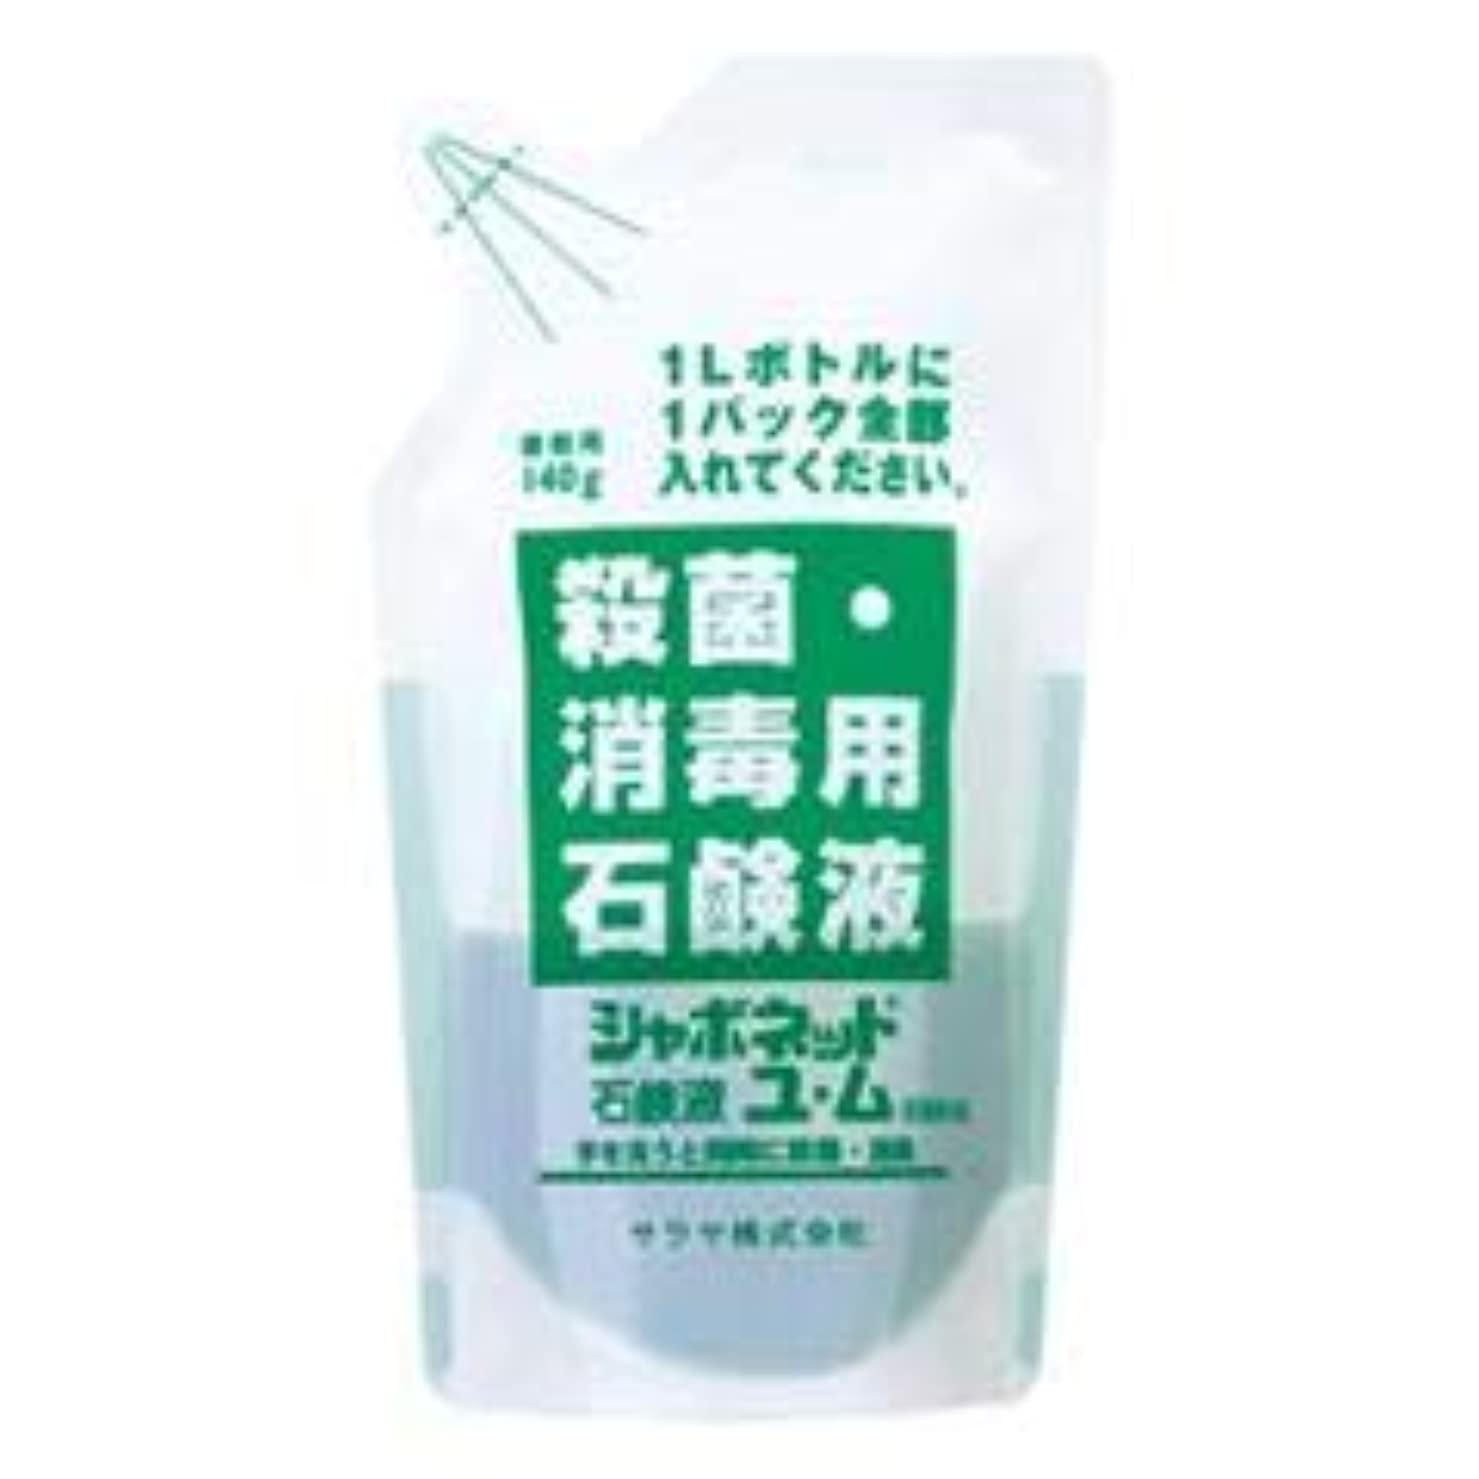 ずんぐりした依存する濃度サラヤ 手洗い用石けん液 シャボネットユ?ム 140g